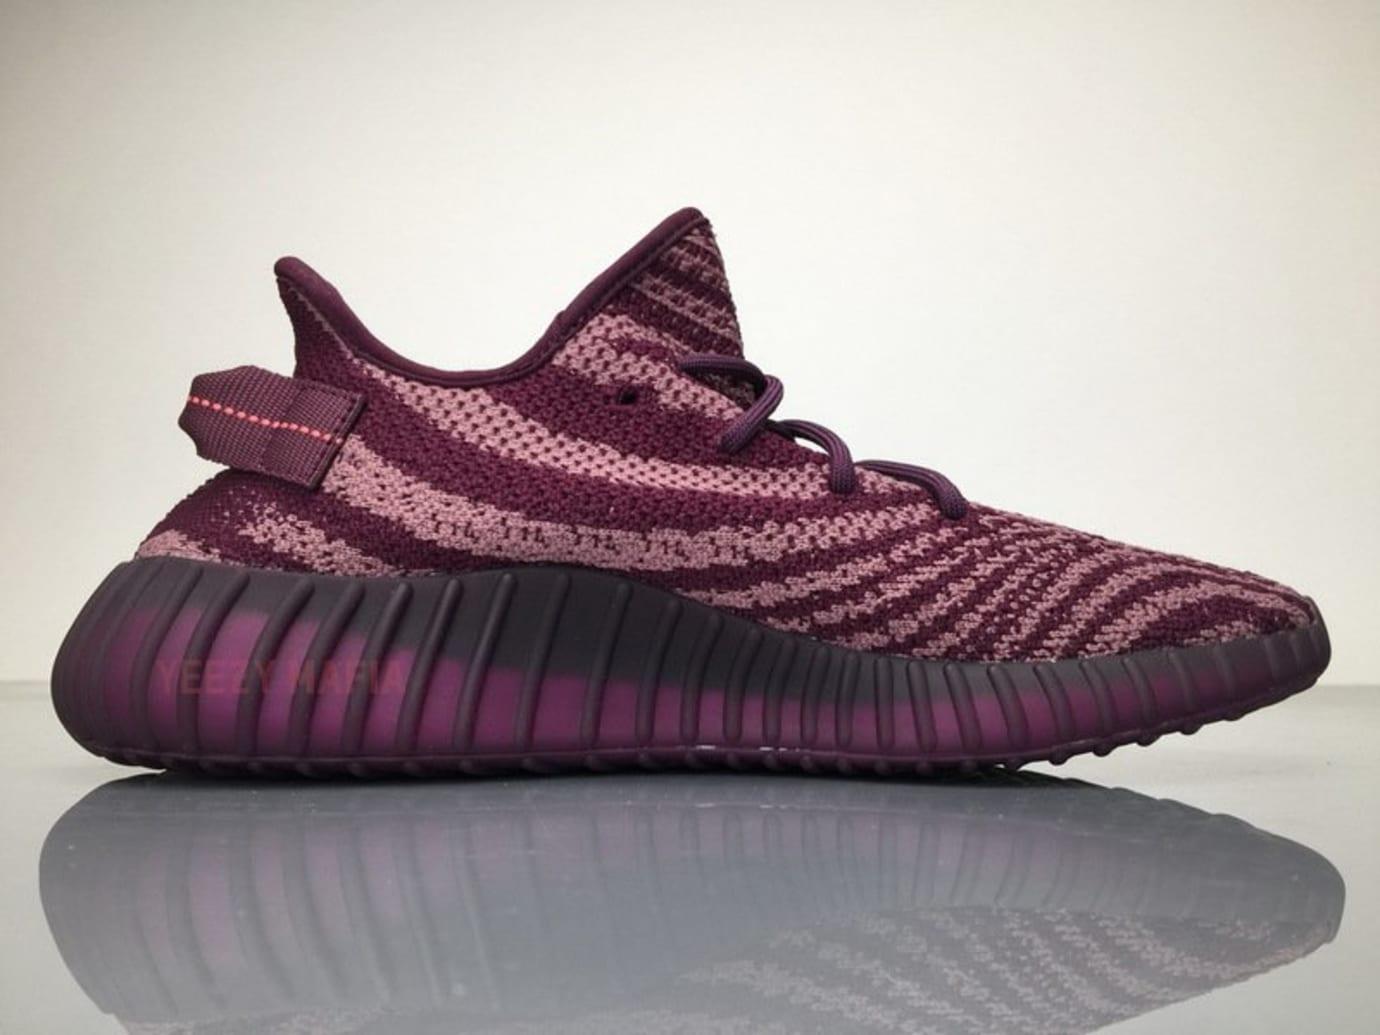 adidas yeezy rosse prezzo